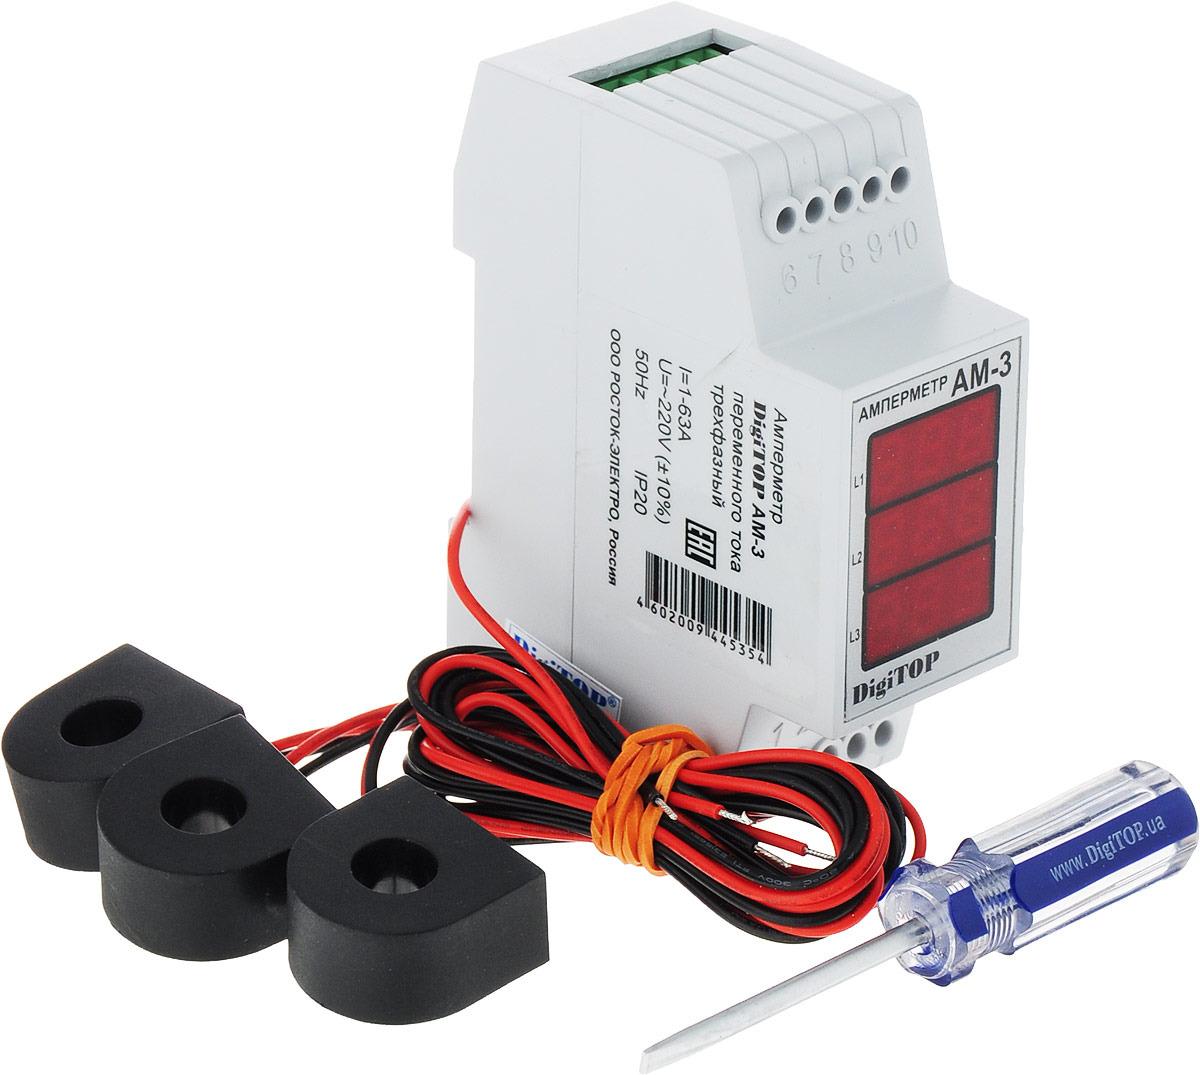 Амперметр DigiTOP АМ-300000000222Амперметр DigiTOP АМ-3 - это цифровой индикатор тока прямого включения. Диапазон измерения от 1 до 63 ампер. Предназначен для измерения переменного тока частотой 50(±1)Гц в трехфазной сети. Рекомендуем!